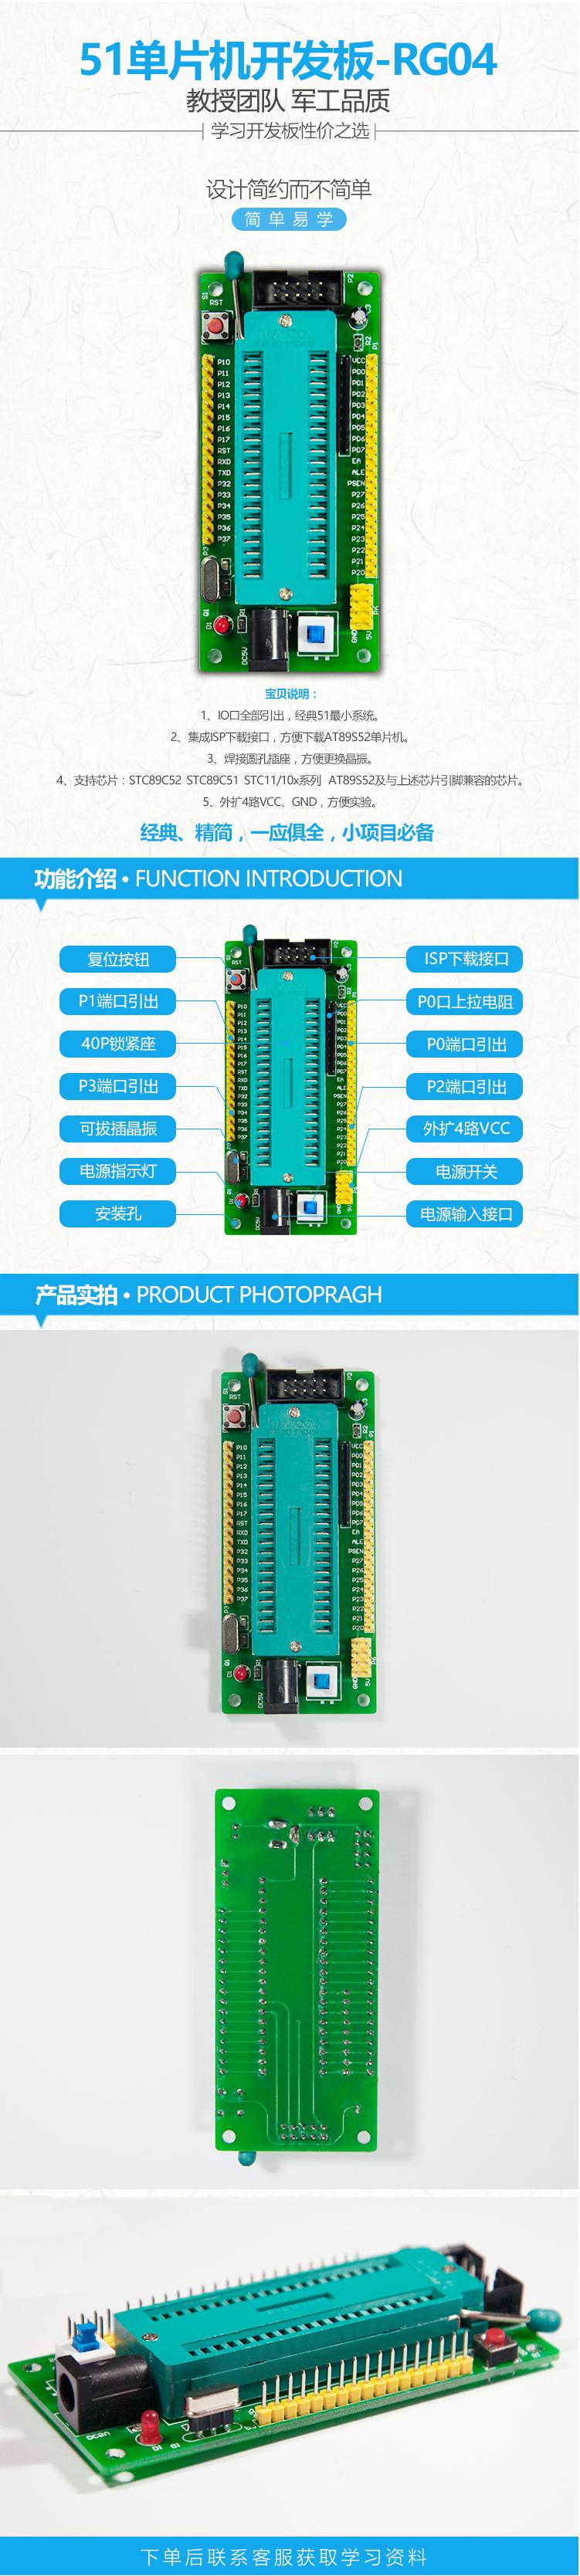 51单片机开发板 锁紧座 51小型开发板 51小型系统板-淘宝网副本.png